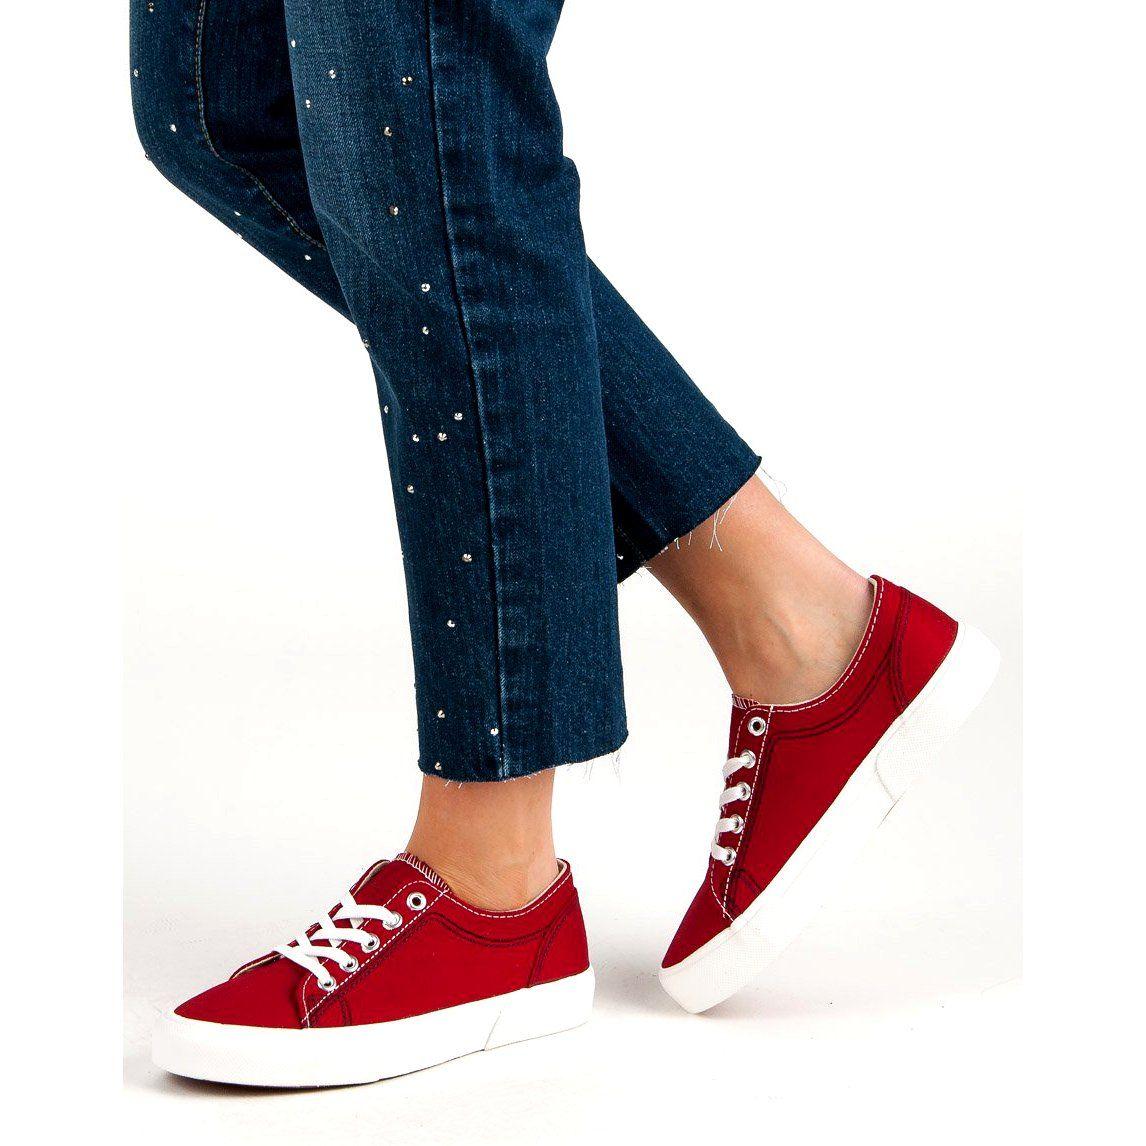 Kylie Czerwone Tenisowki Red Sneakers Sneakers Trainers Women